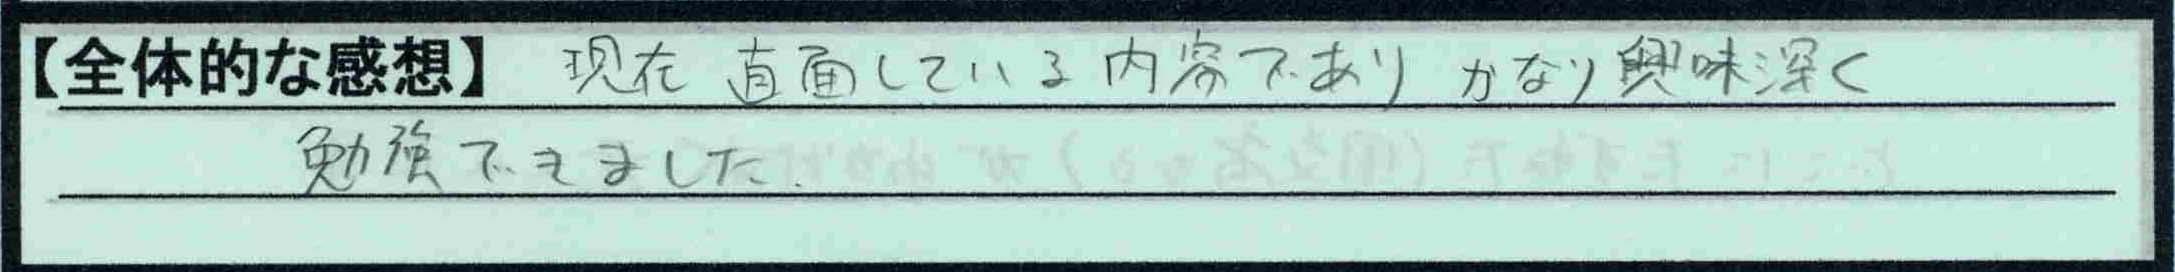 【大阪府大阪市】【K.Tさん】【全体感想】